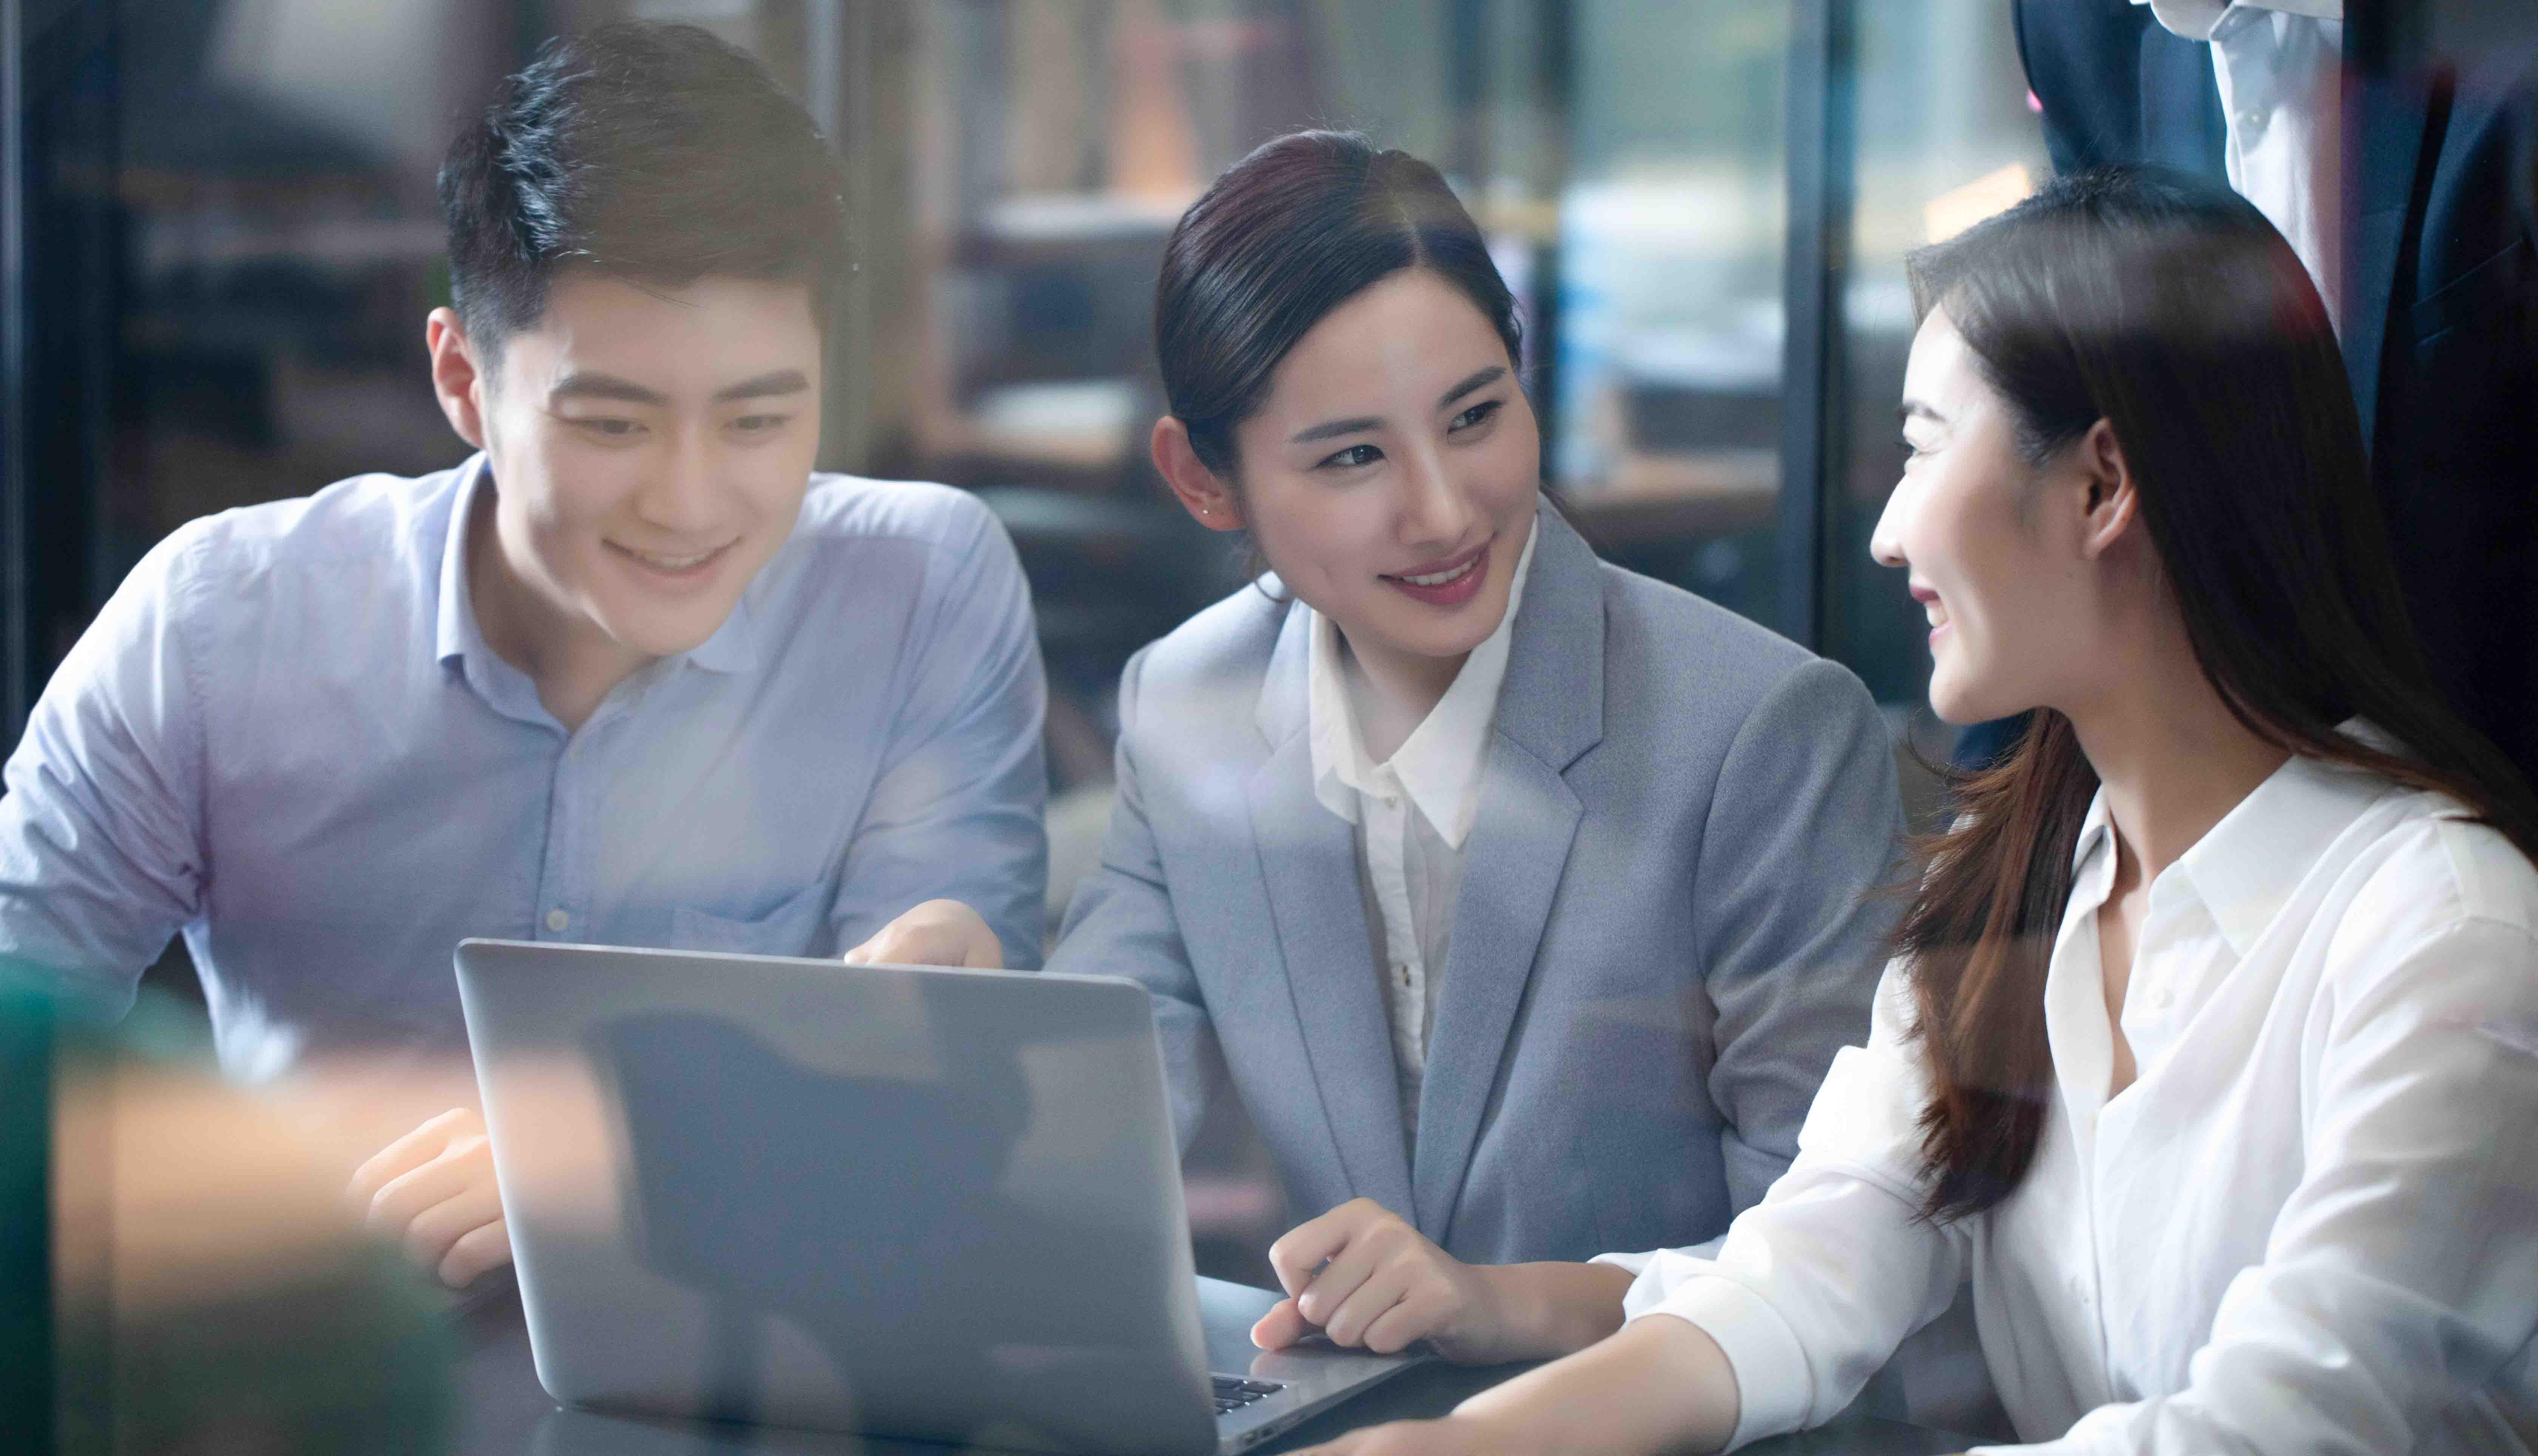 技術經紀職稱制度改革與技術經紀發展